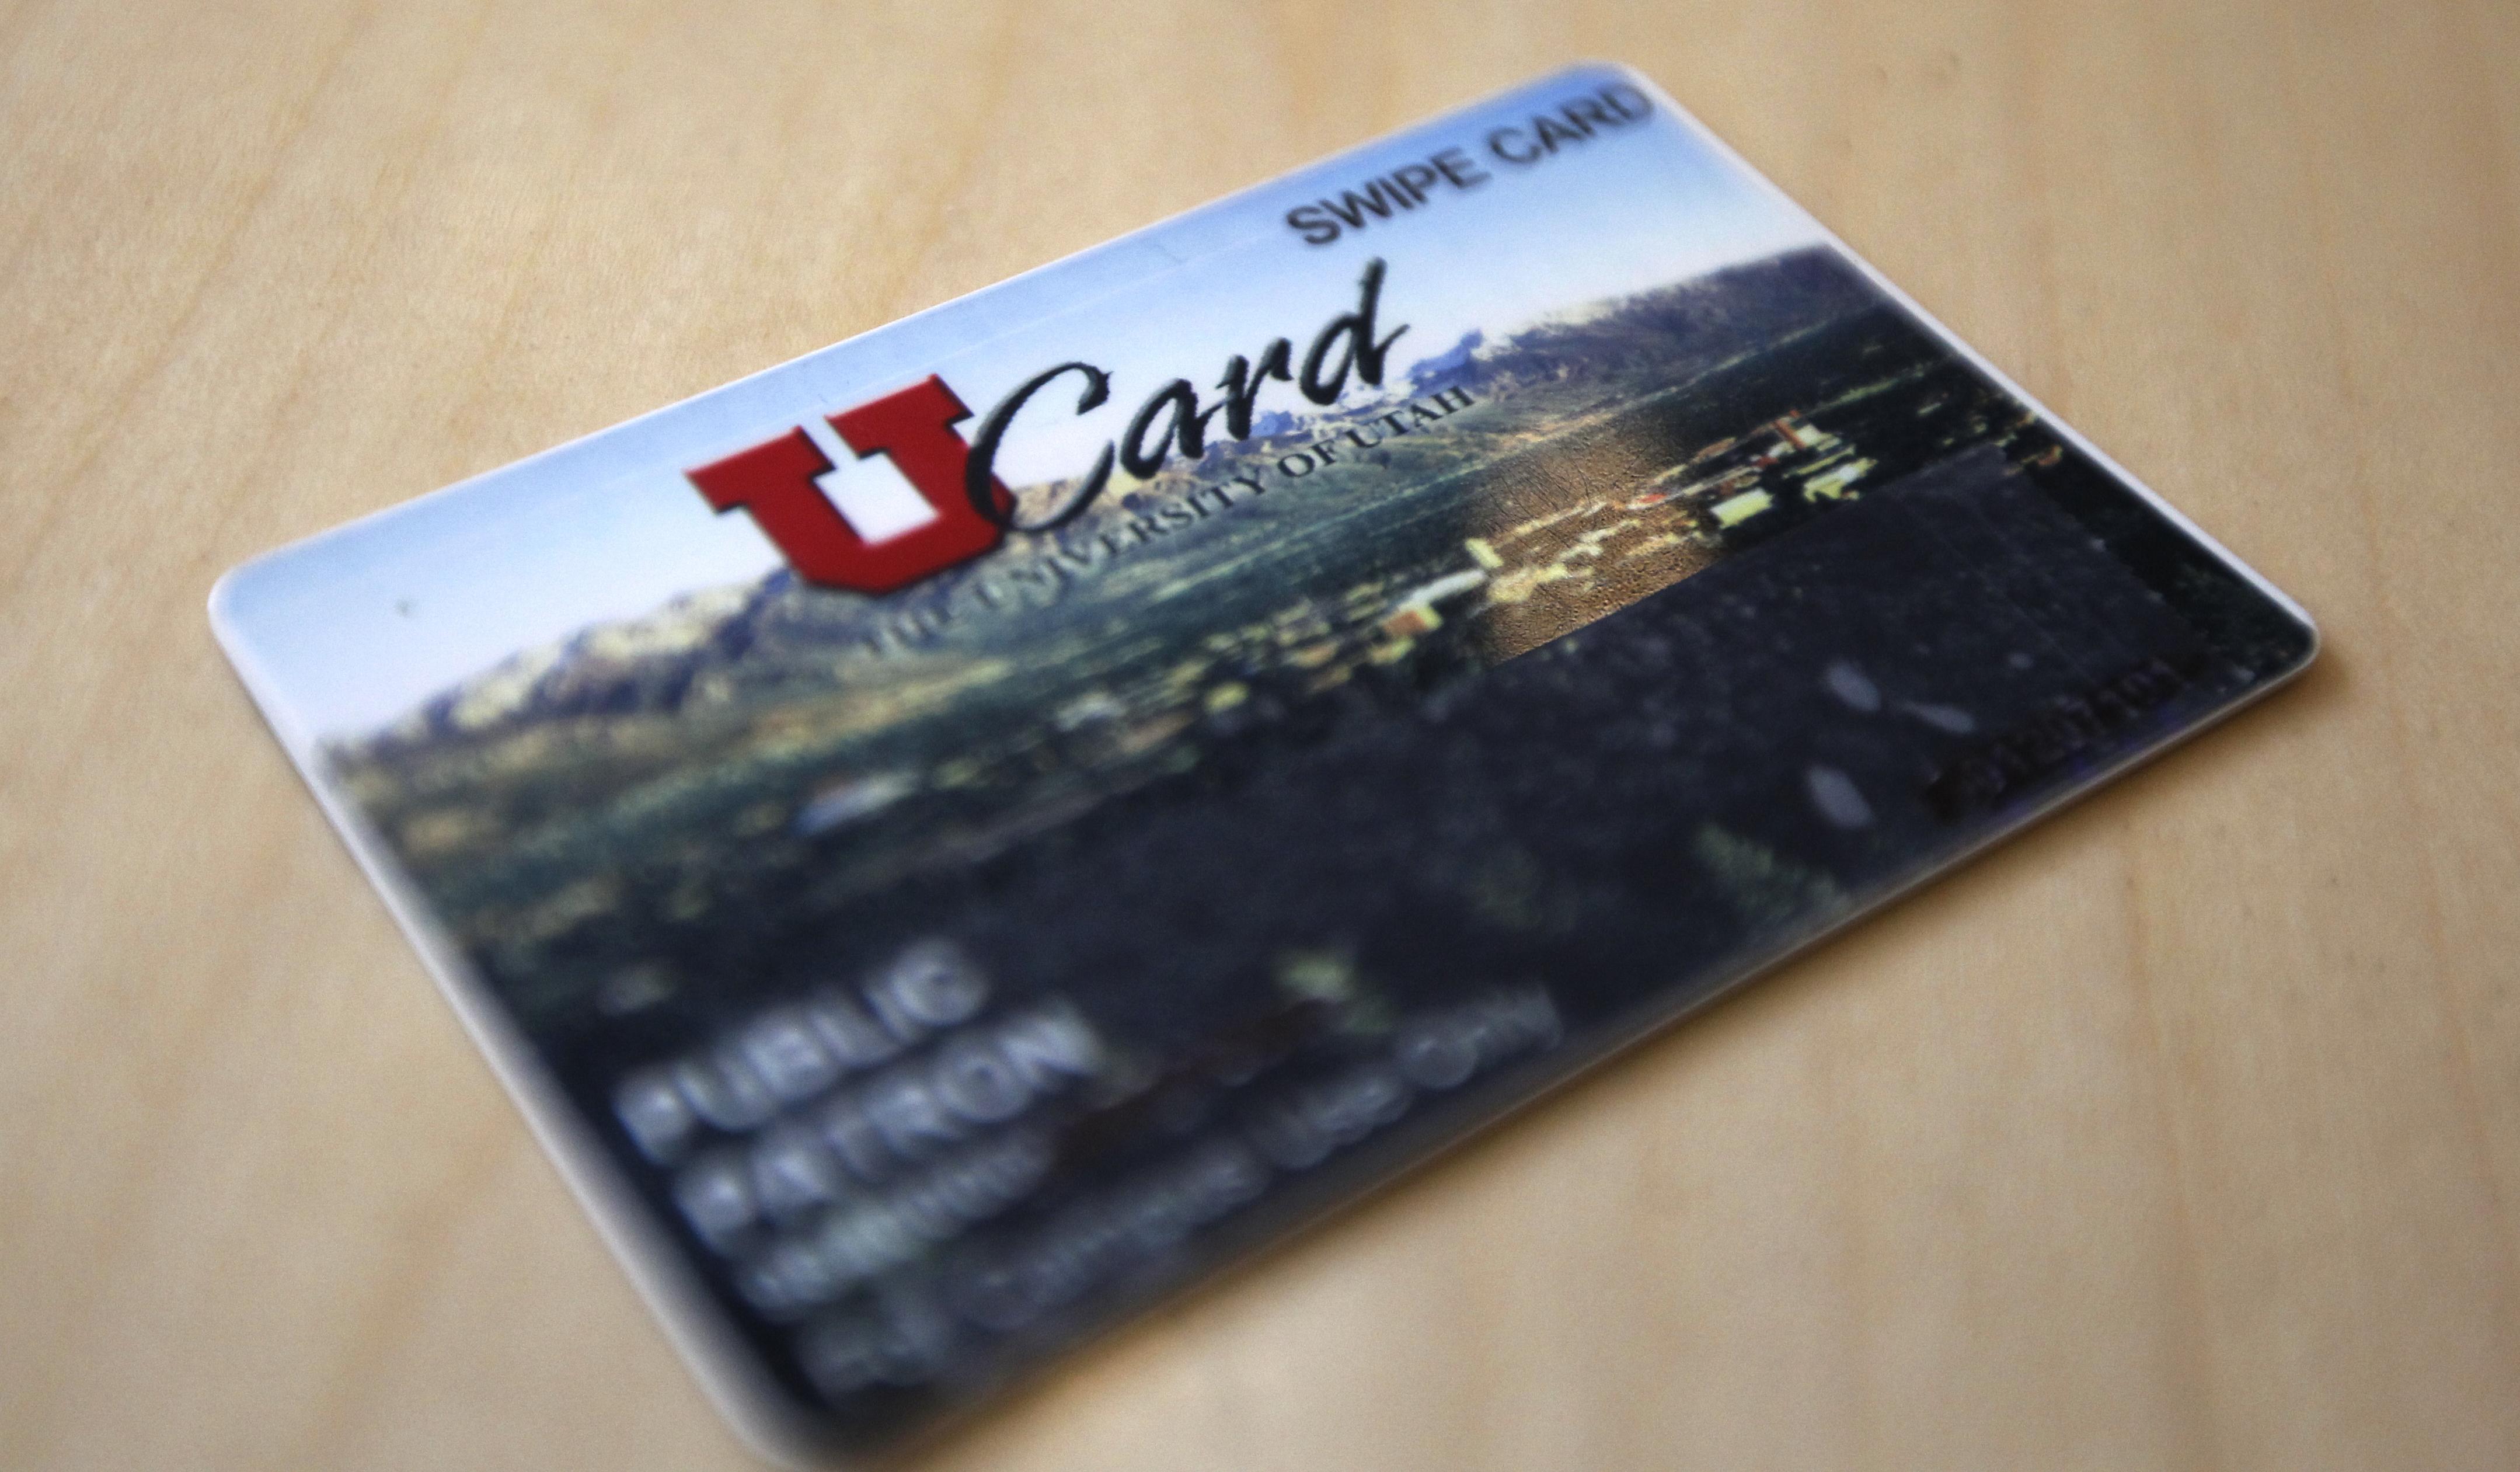 U Card sitting on a table